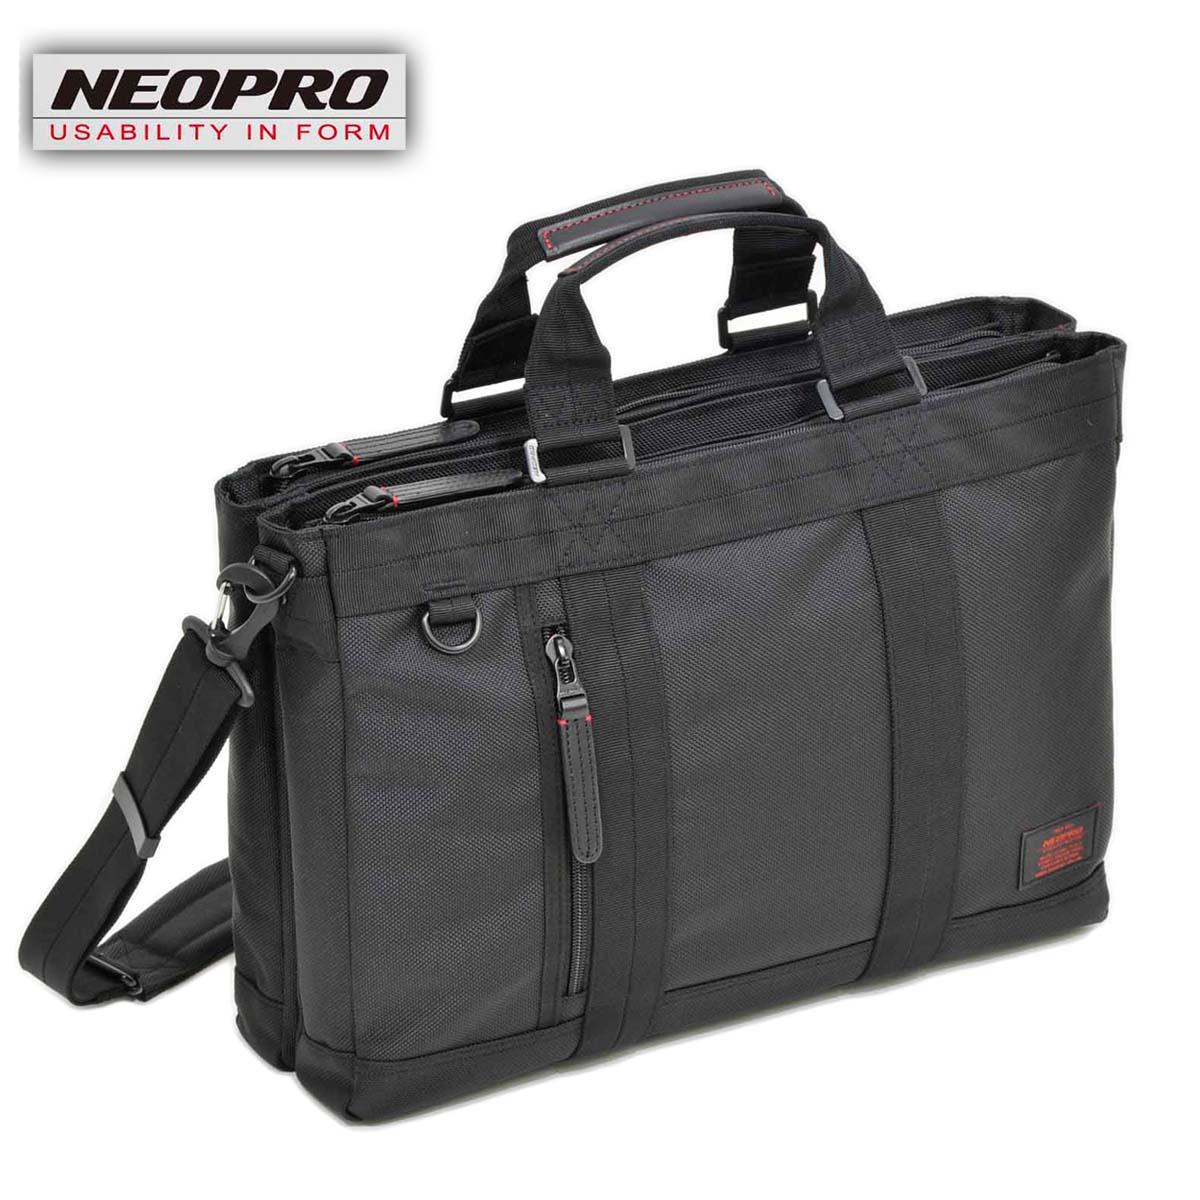 ビジネスバッグ NEOPRO RED SERIES ネオプロ No:2-032 通勤 通学 トート 2ルーム タイプ メンズ・レディース 軽量 多機能 A4ファイル・ノートPC対応 [ エンドー鞄